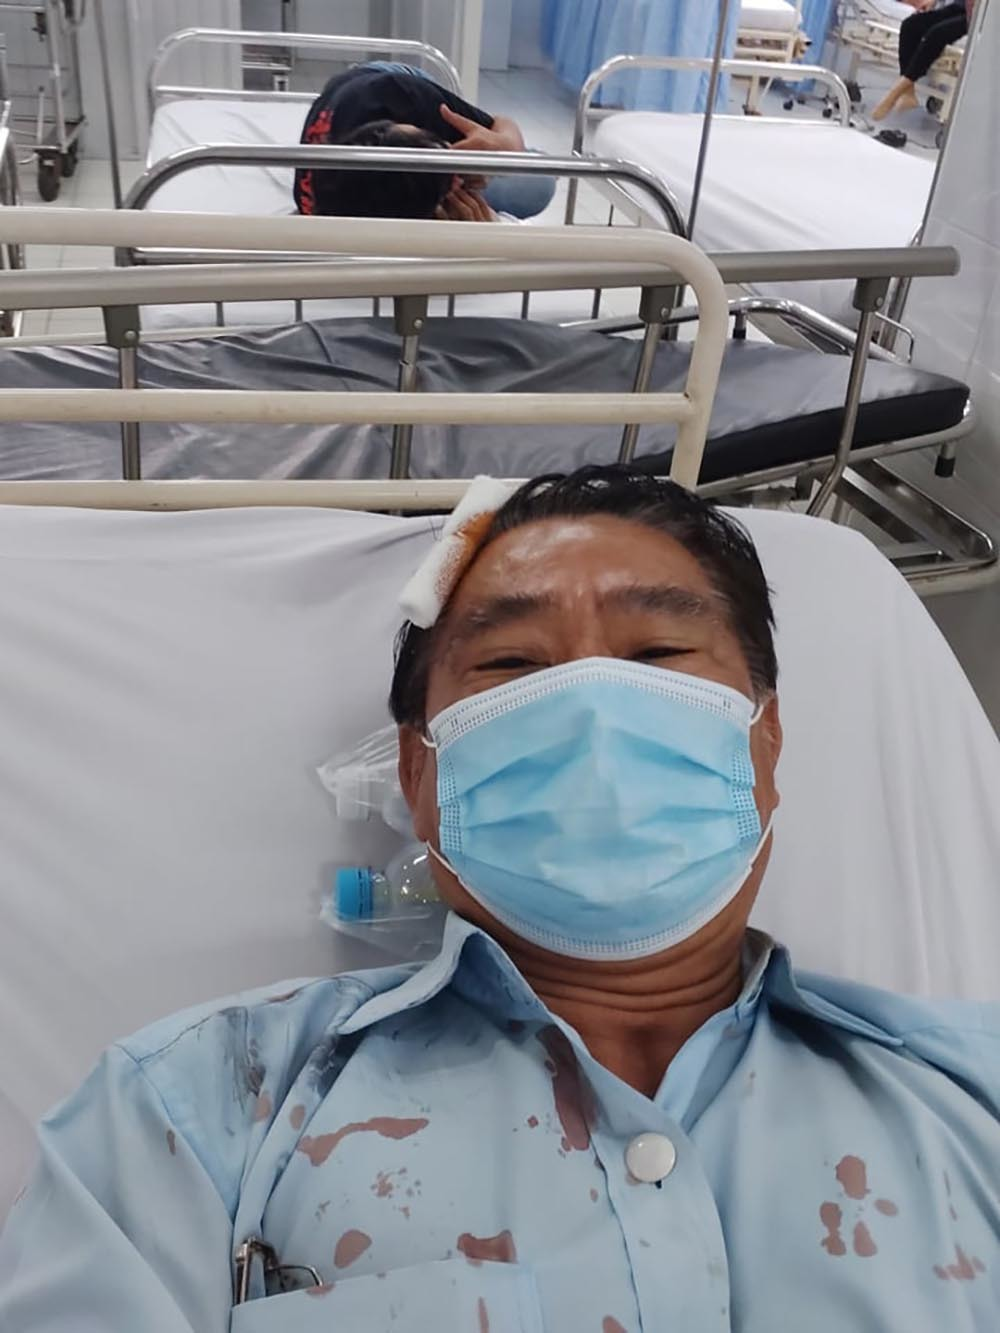 Sếp cơ sở cai nghiện ma tuý Bình Triệu bị nhân viên hành hung giữa cuộc họp thumbnail